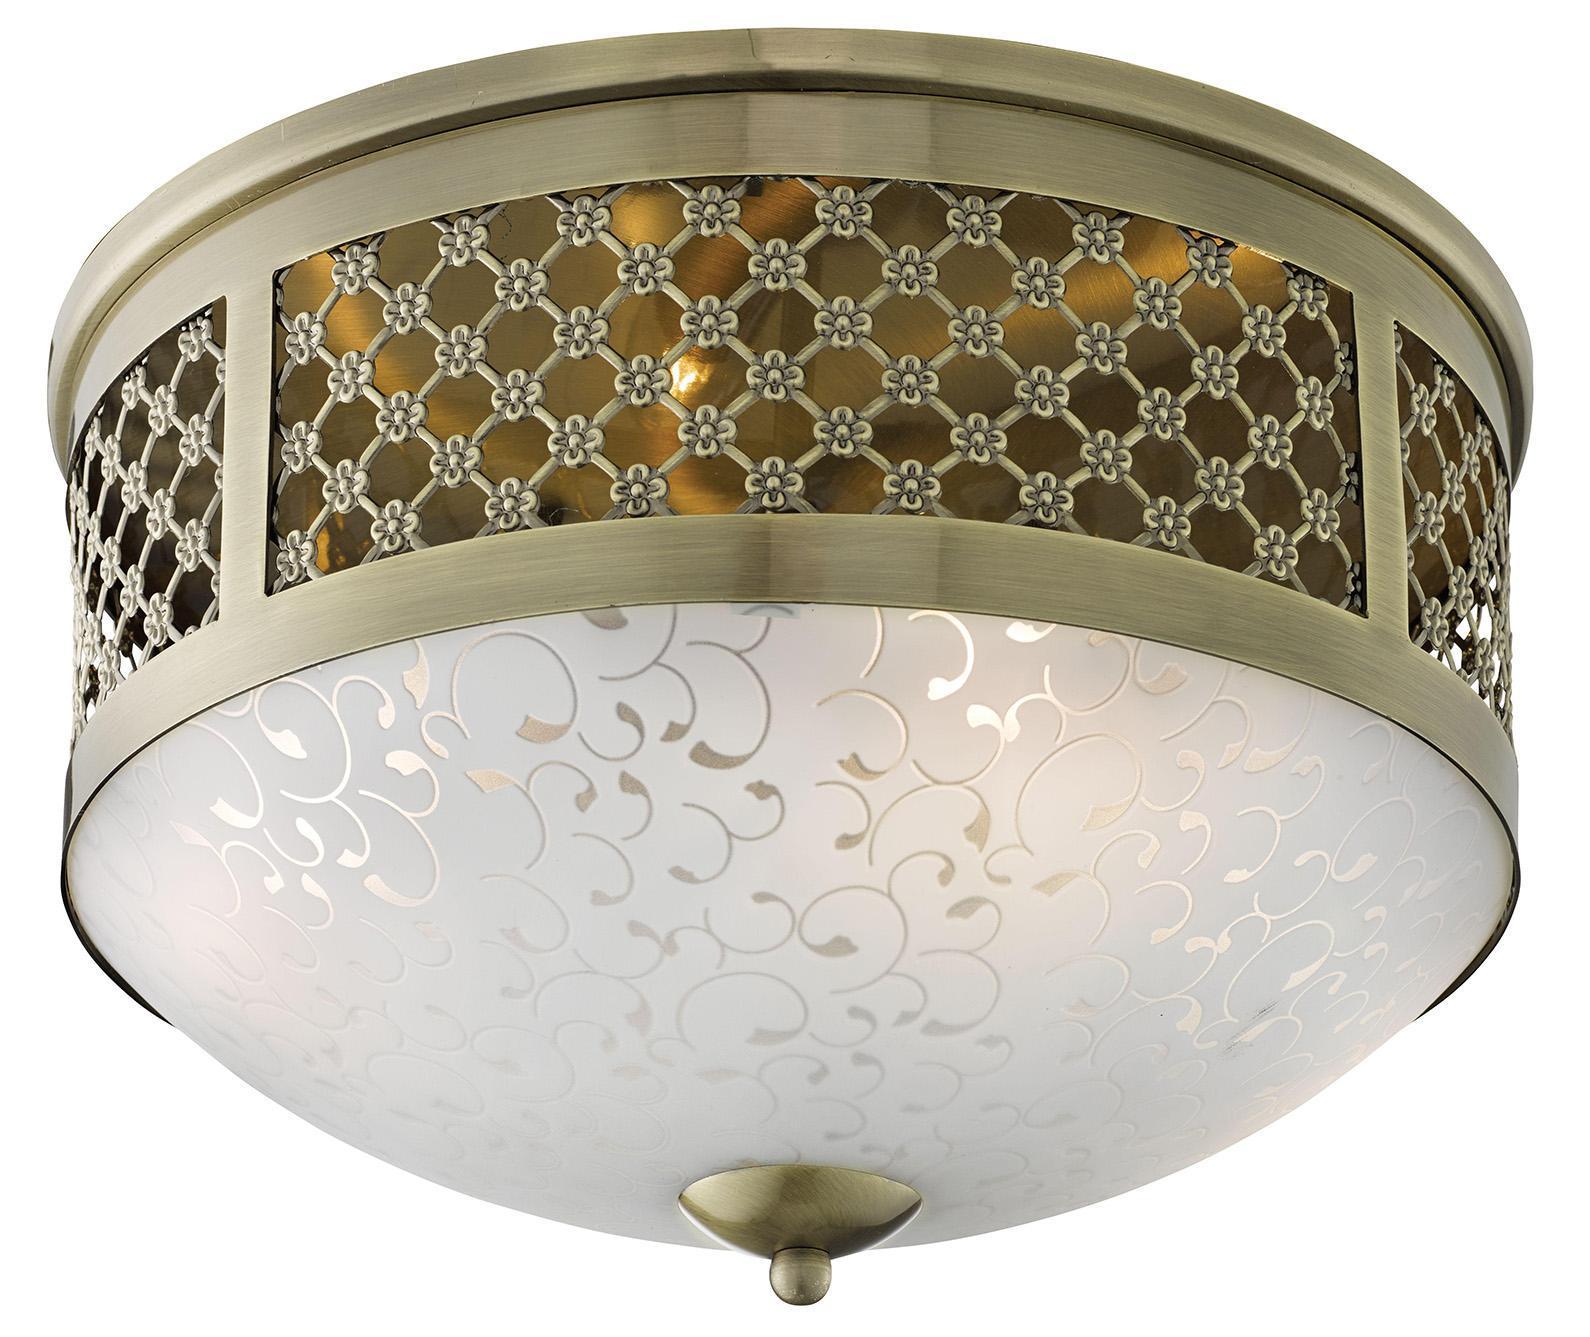 A6580PL-3AB GUIMET Потолочный светильникA6580PL-3ABСветильник станет прекрасным дополнениям к интерьеру вашего дома. Он выполнен из качественных и долговечных материалов. Такое изделие добавит света и уюта вашему жилищу. Его оригинальная форма подойдет для любого интерьера. 3xE14 40W Материал: Арматура: Металл / Плафон: Стекло Цвет: Арматура: Античная бронза / Плафон: Размер: 23x38x38